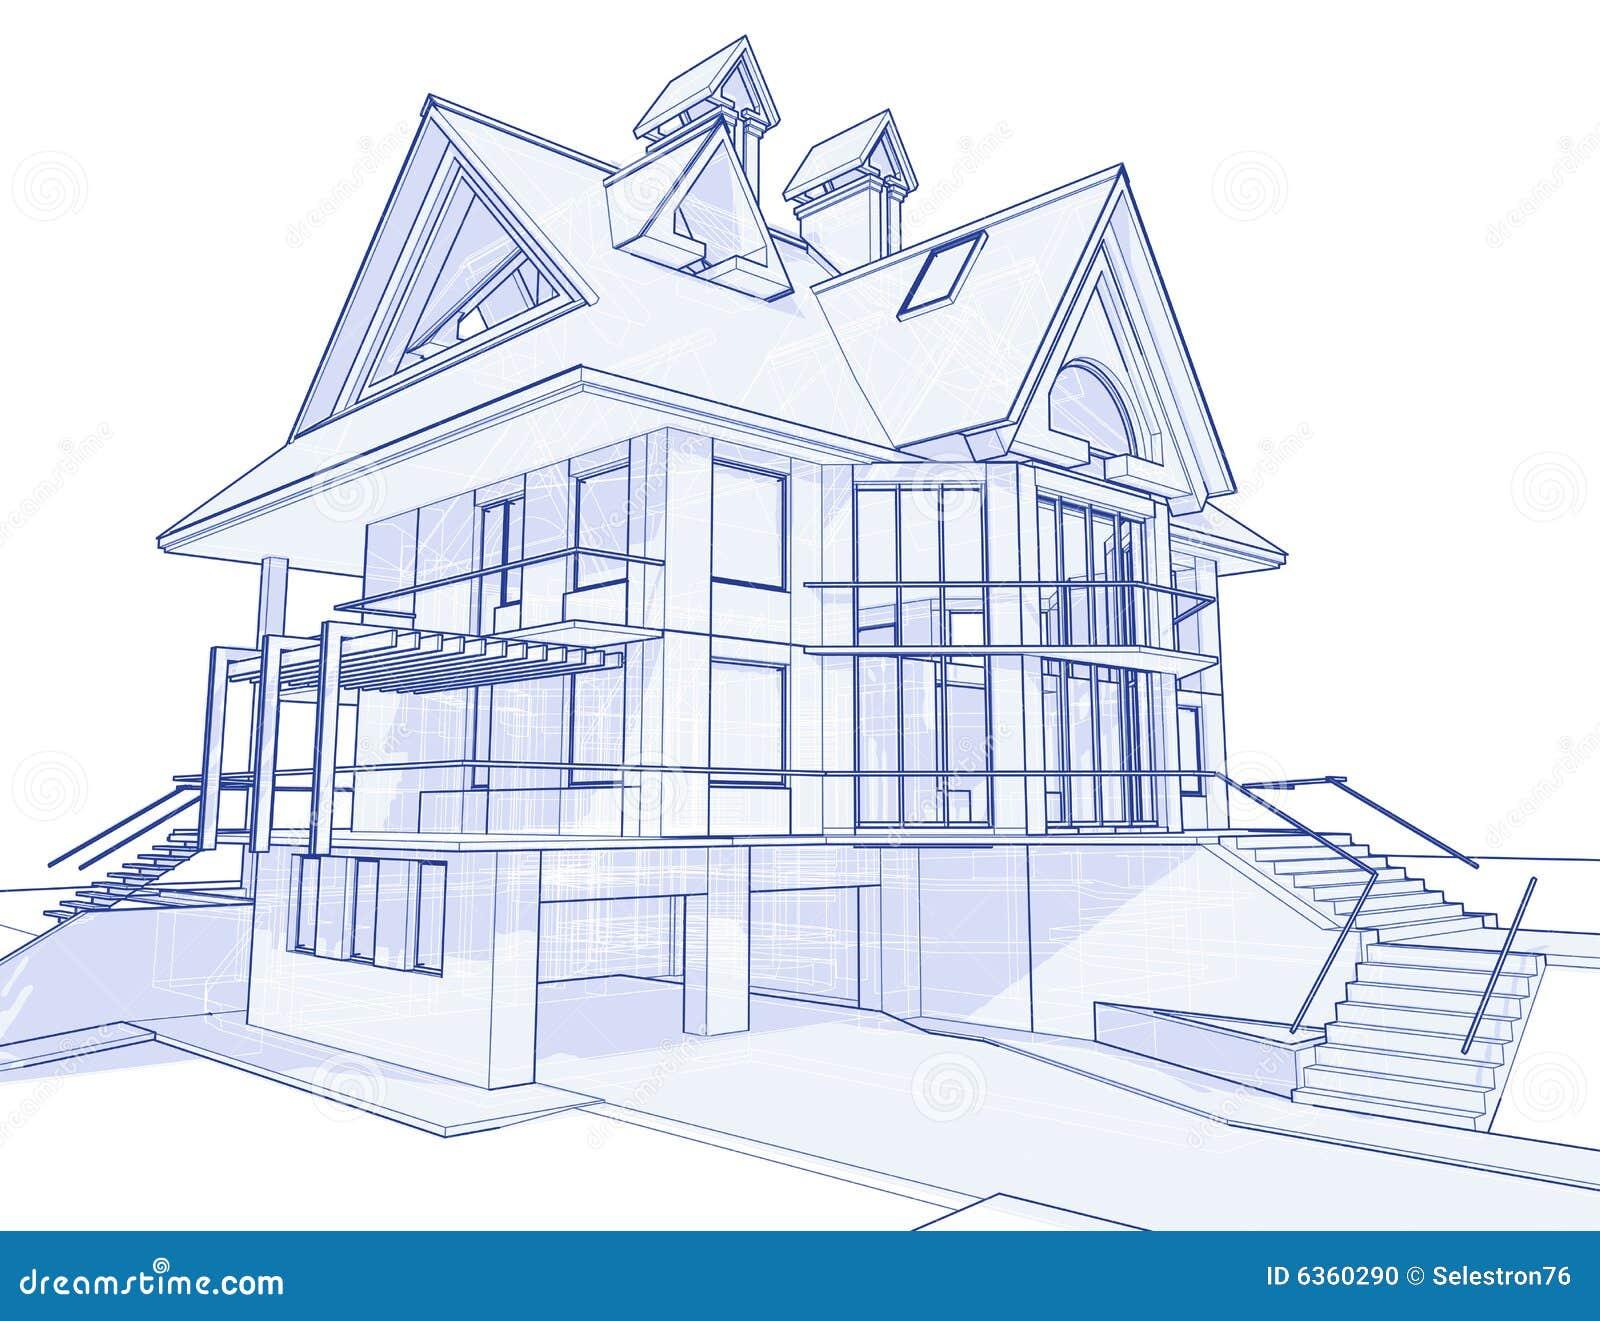 Modernes haus lichtpause stockfoto bild 6360290 for Modernes haus zeichnen